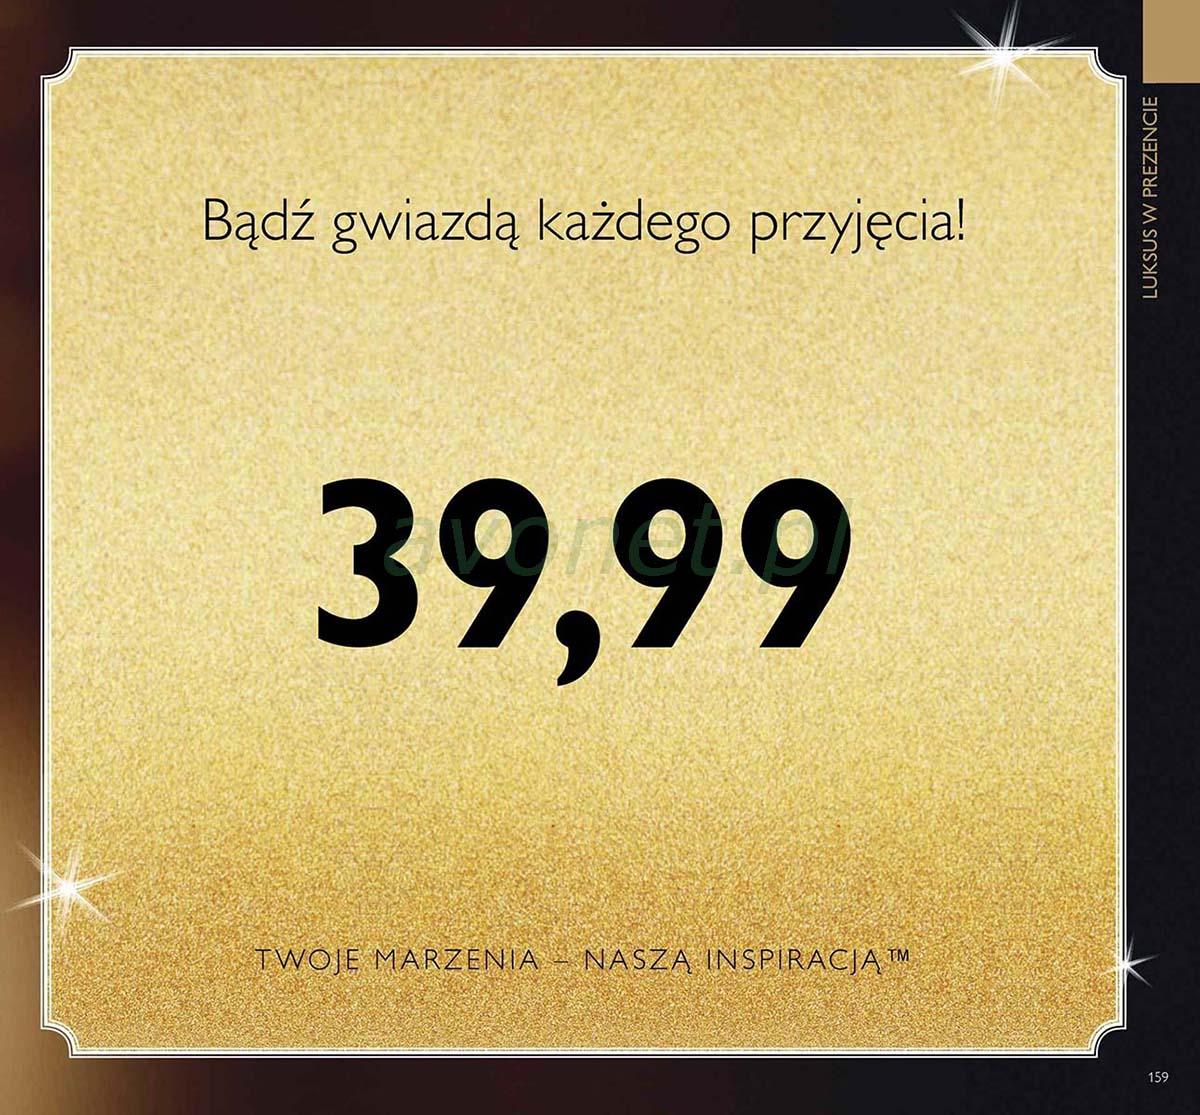 2017016-159-pl-pl